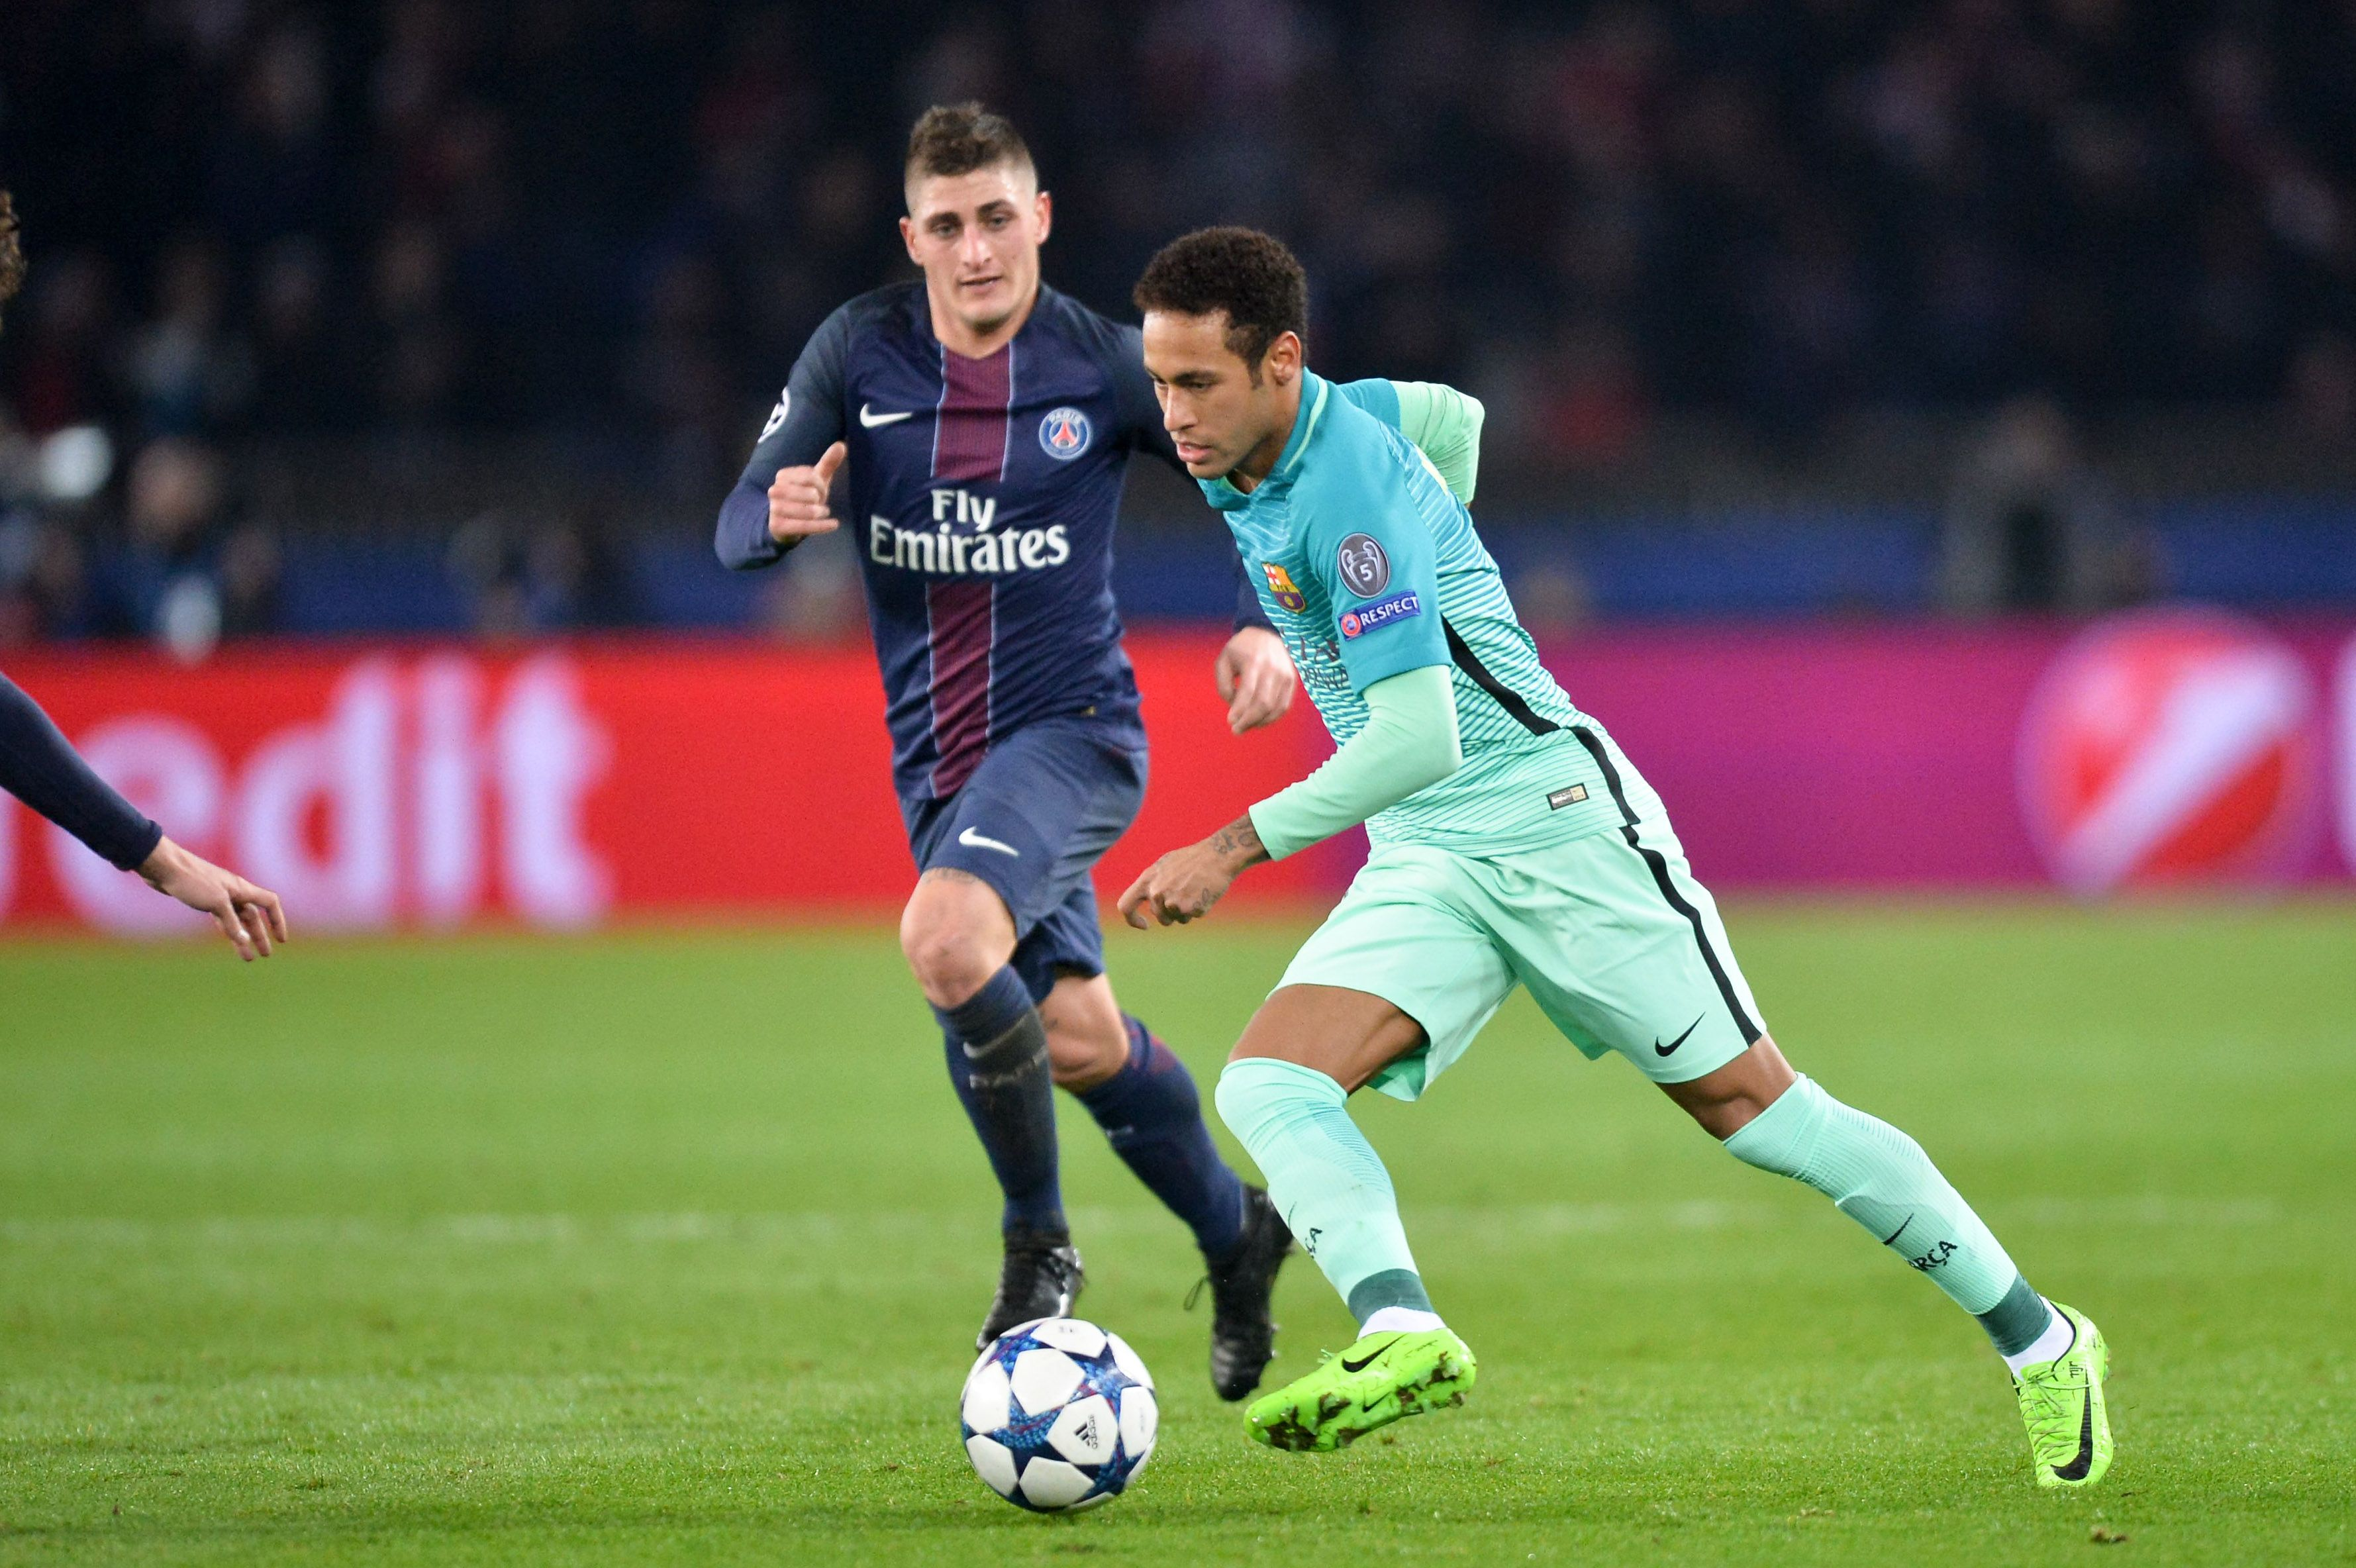 Neymar Au Psg Des Chiffres Totalement Fous Qui Donnent Le